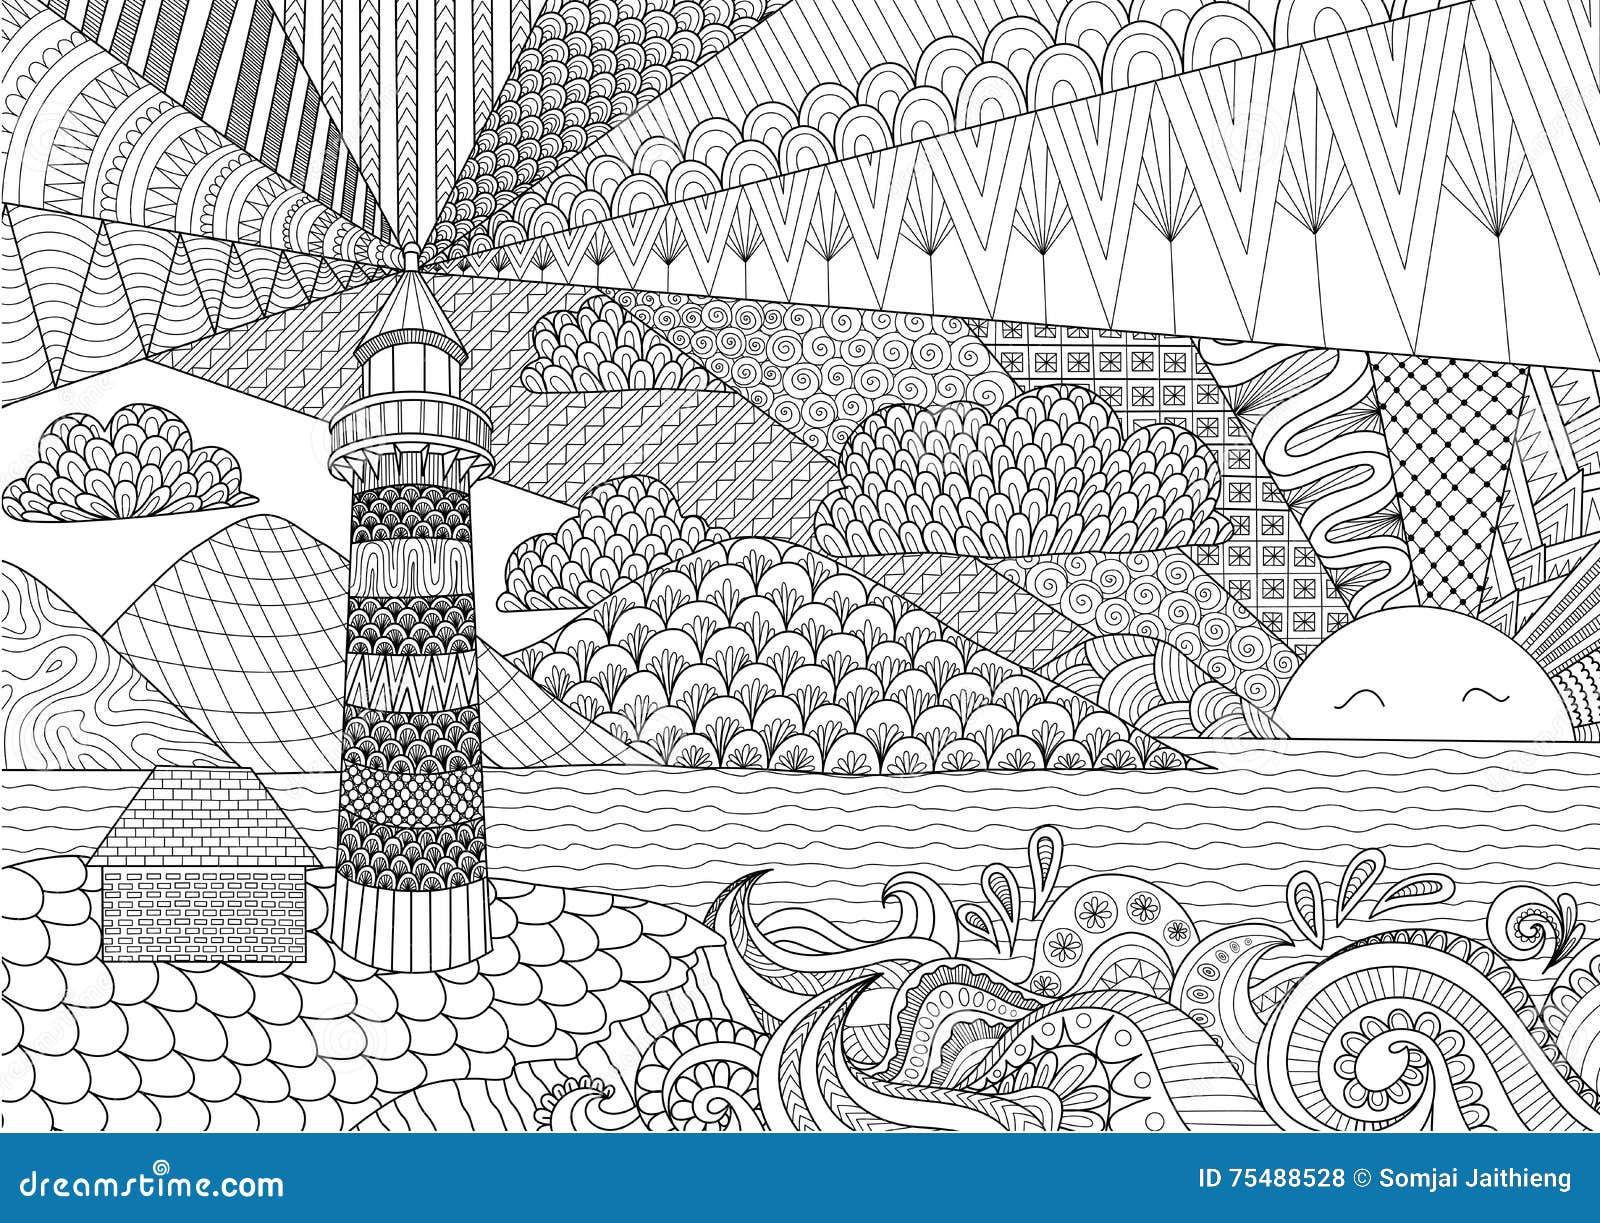 Livre de coloriages pour adultes les phares - Mandala paysage ...